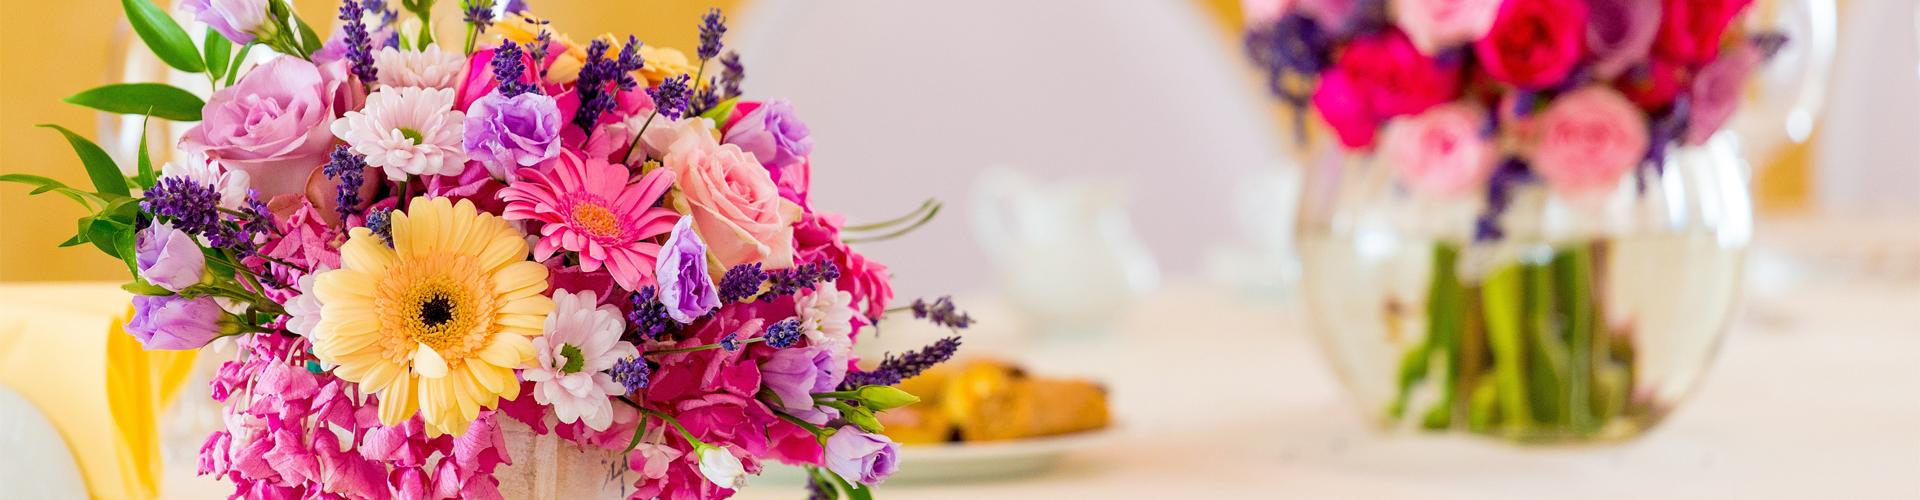 Oryginalna florystyka ślubna